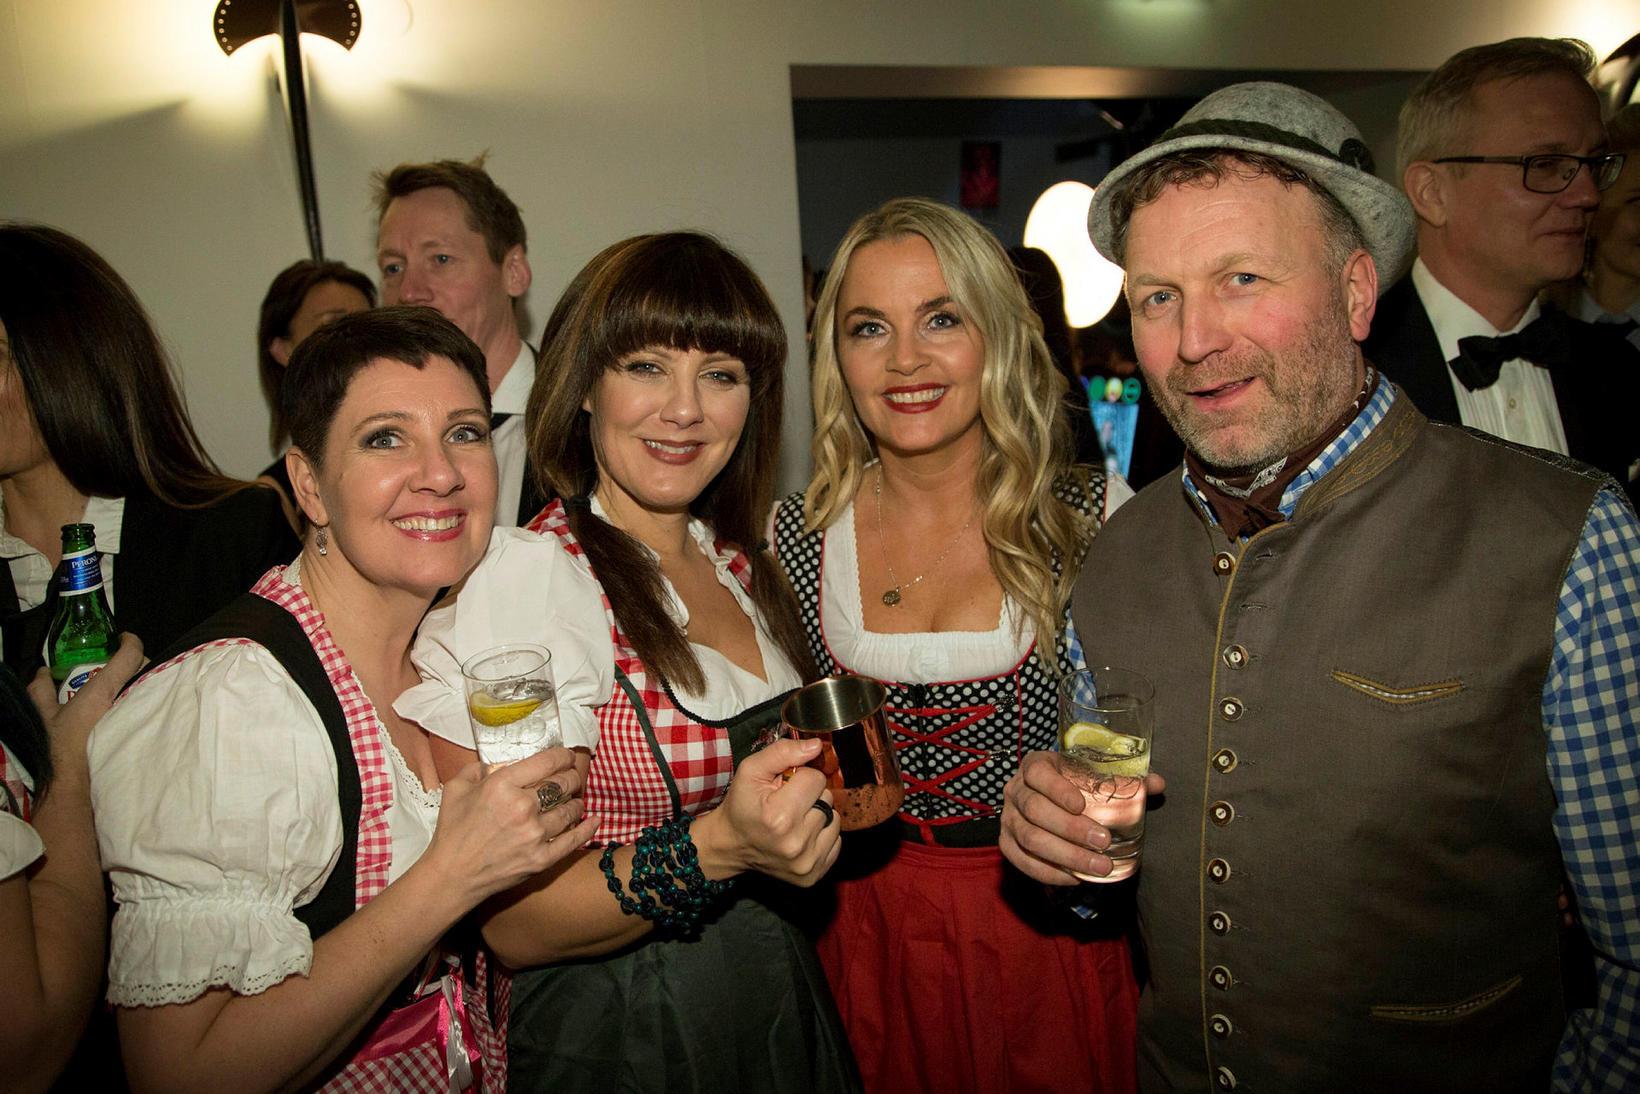 Inga Björg Stefánsdóttir, Eva Ingimarsdóttir, Unnur Teitsdóttir og Hannes Birgisson.